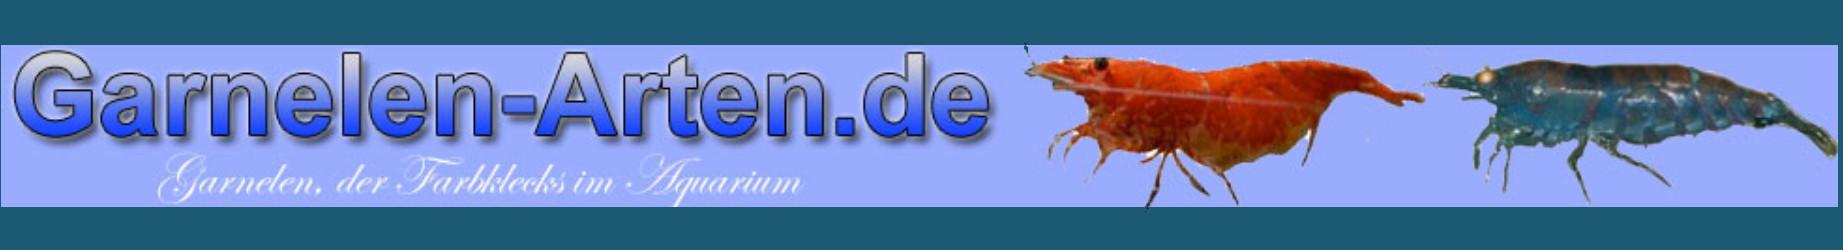 garnelen-arten.de